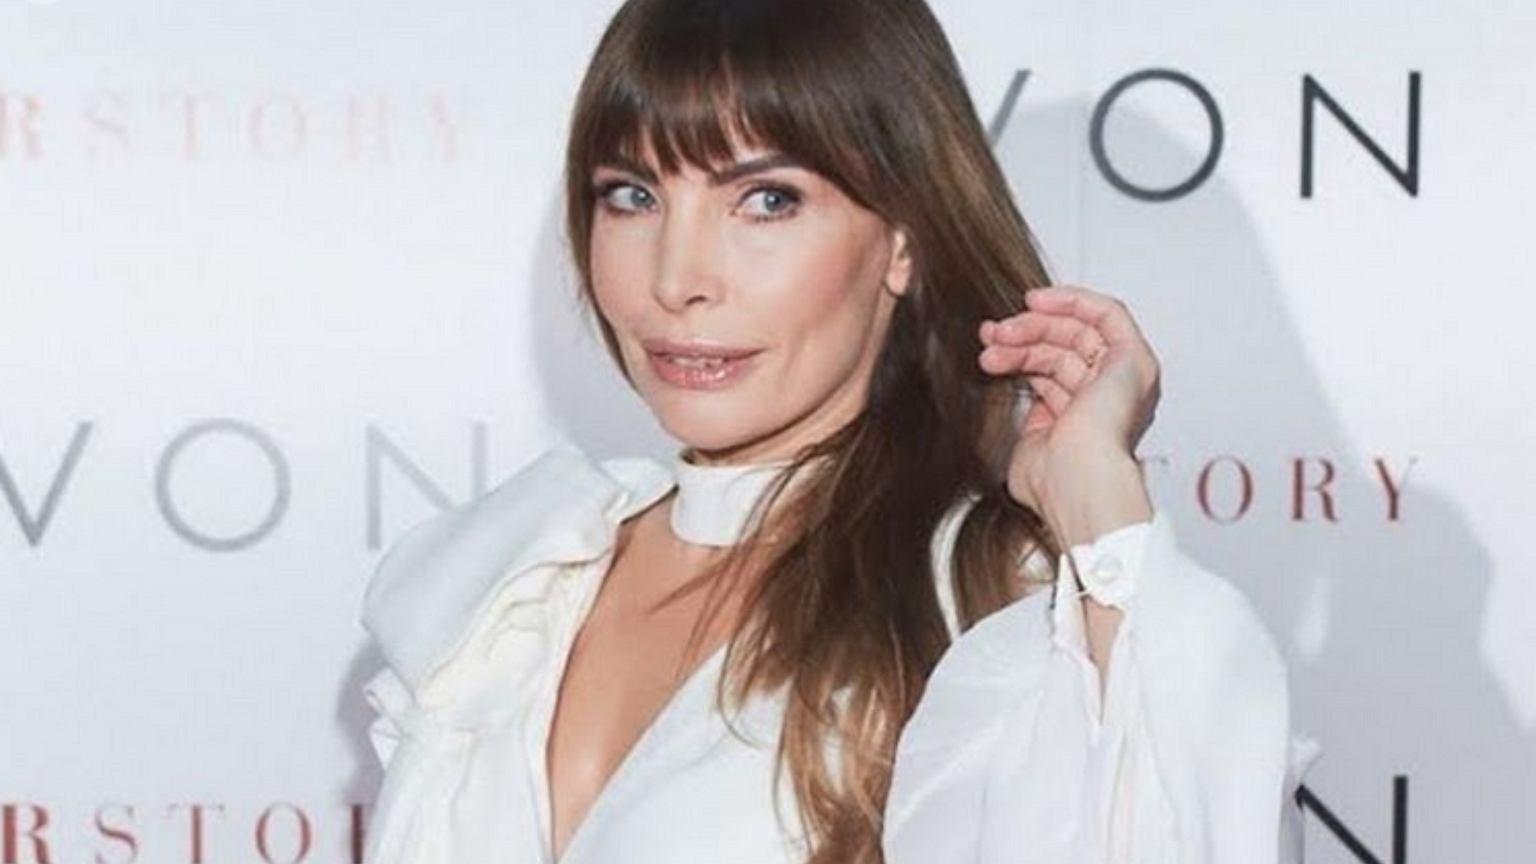 Agnieszka Dygant chwali się białą stylizacją, reklamując Avon. Fanka: Pieniądze to nie wszystko. Firma zareagowała